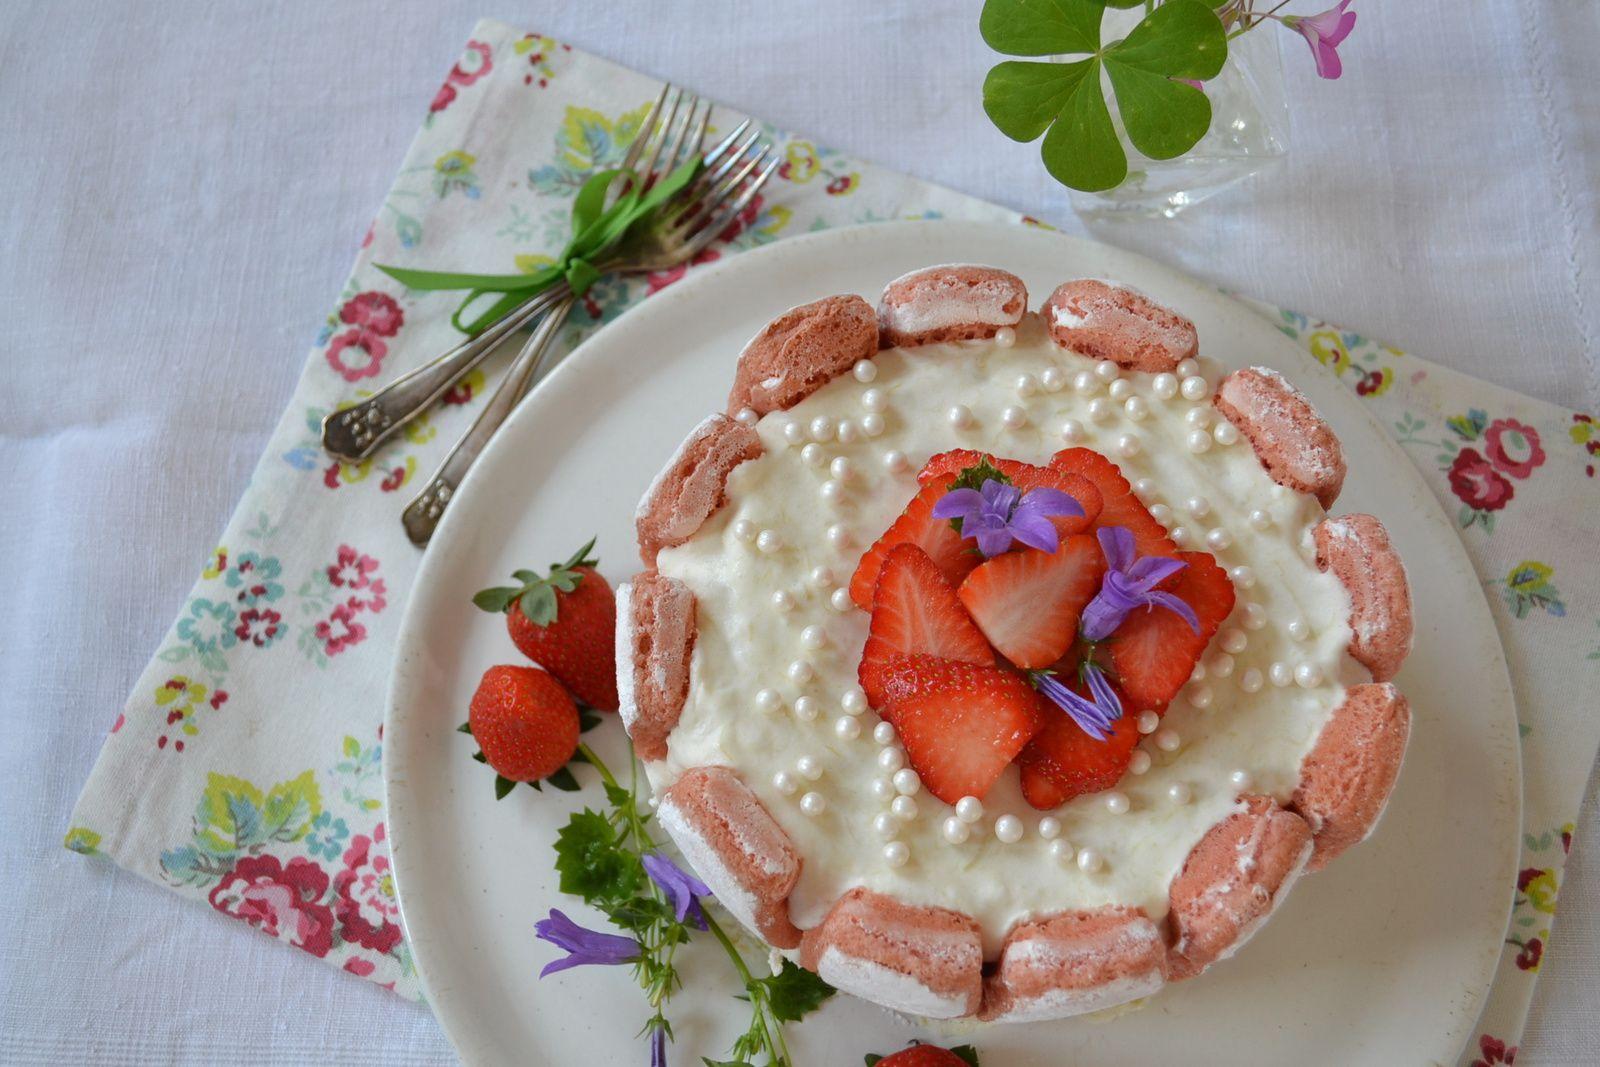 Charlotte rhubarbe fraises #dessert de fêtes